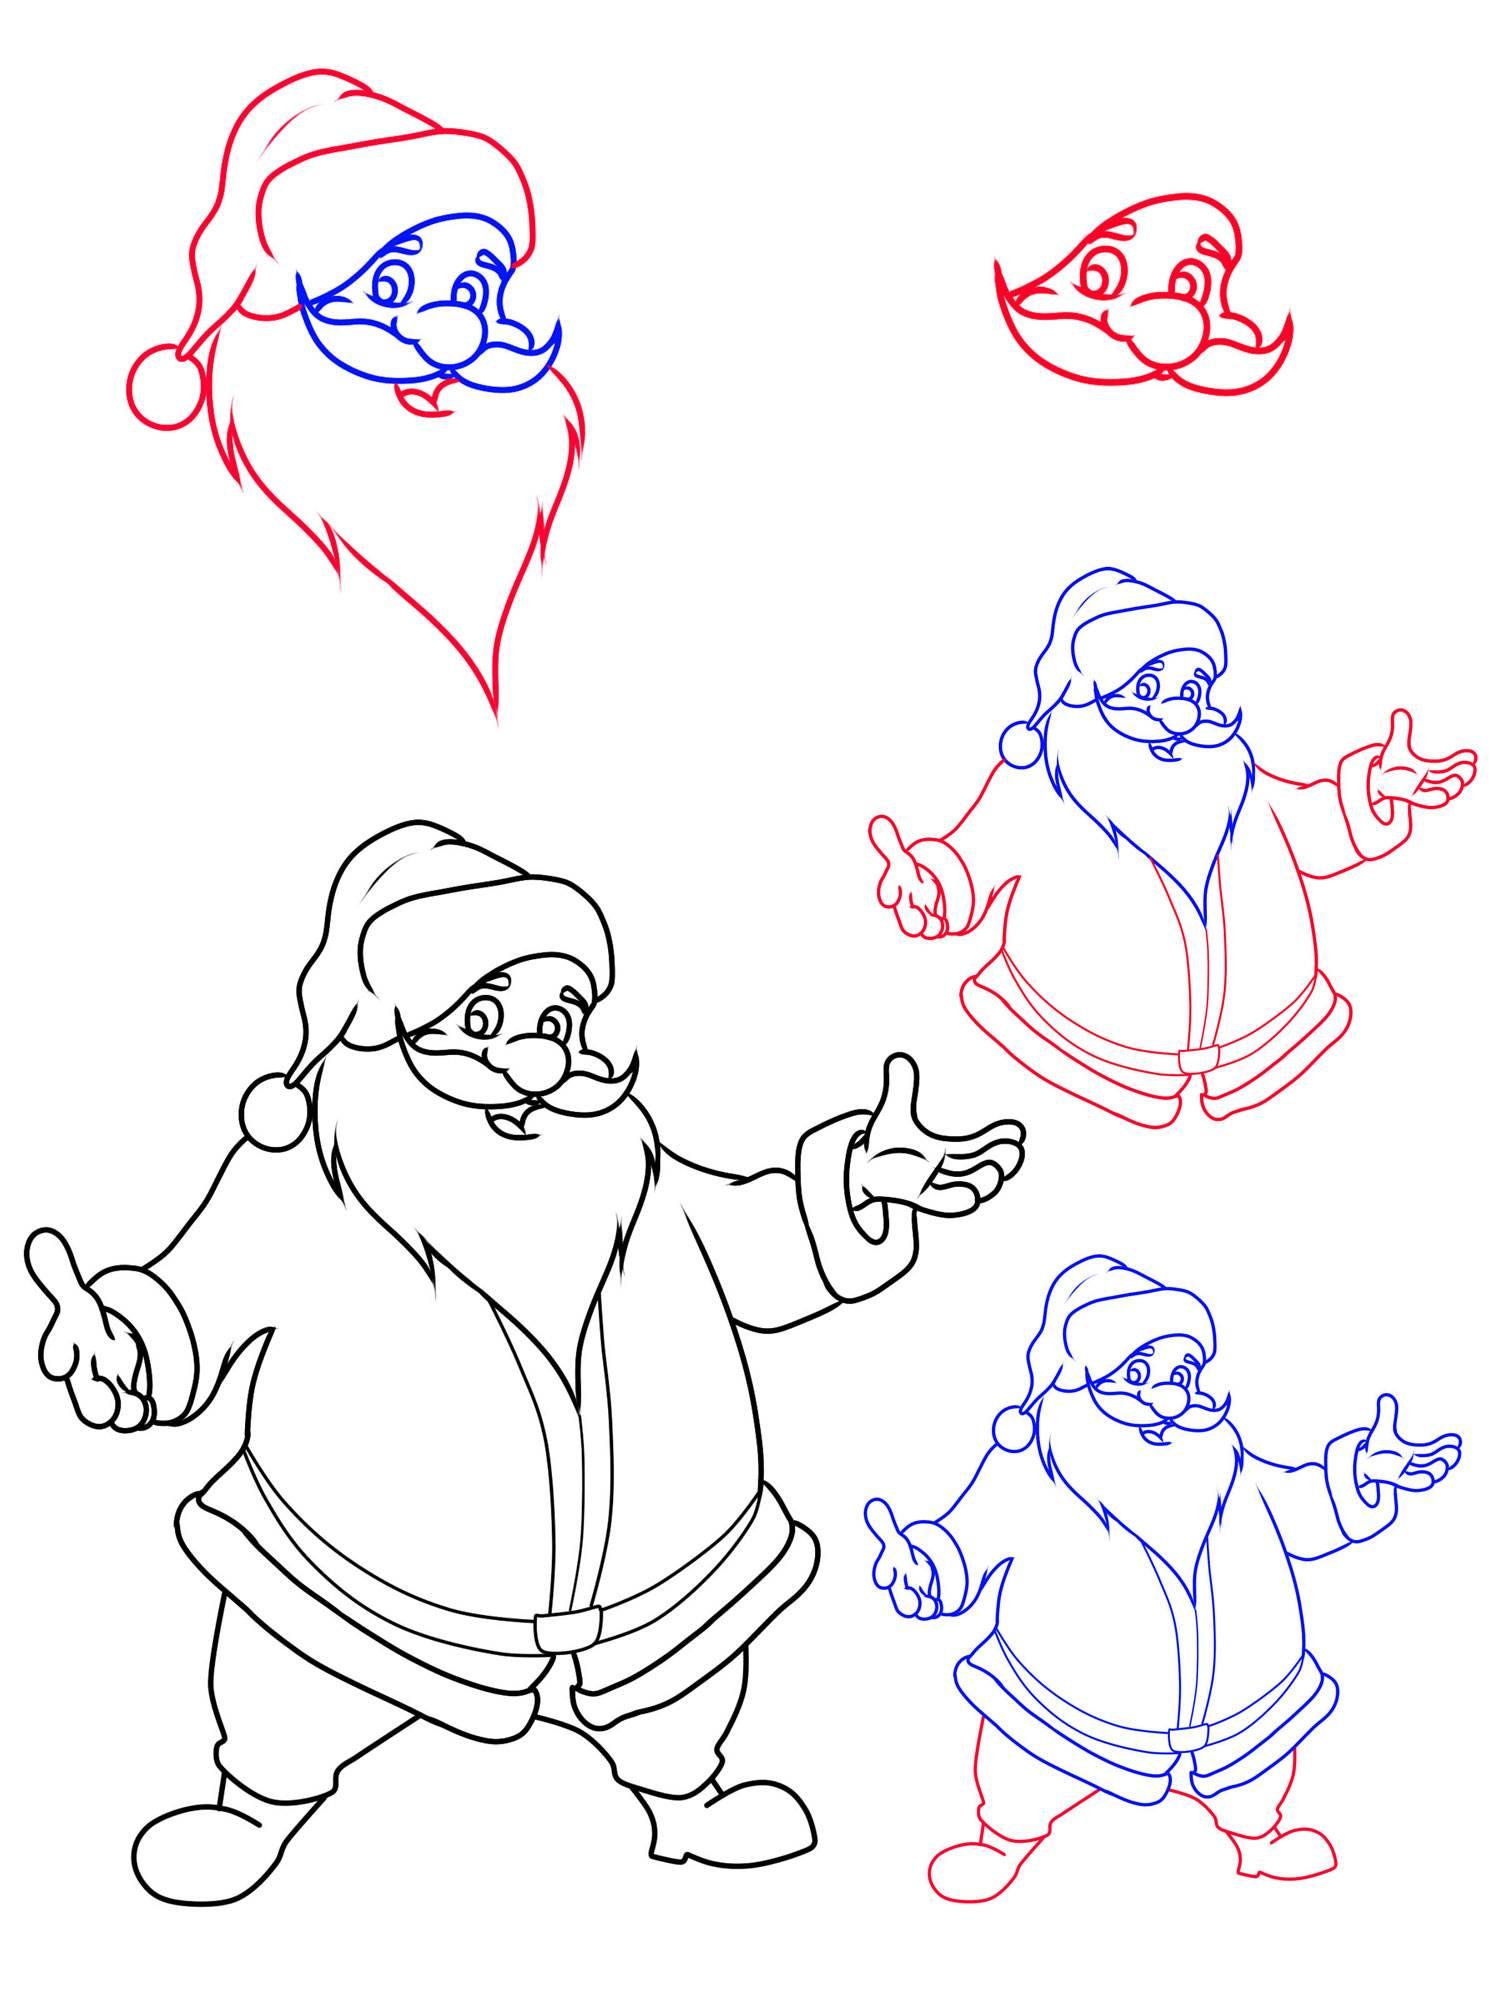 Kostenlose Malvorlage Weihnachtsmänner Wie malt man einen Weihnachtsmann zum Ausmalen